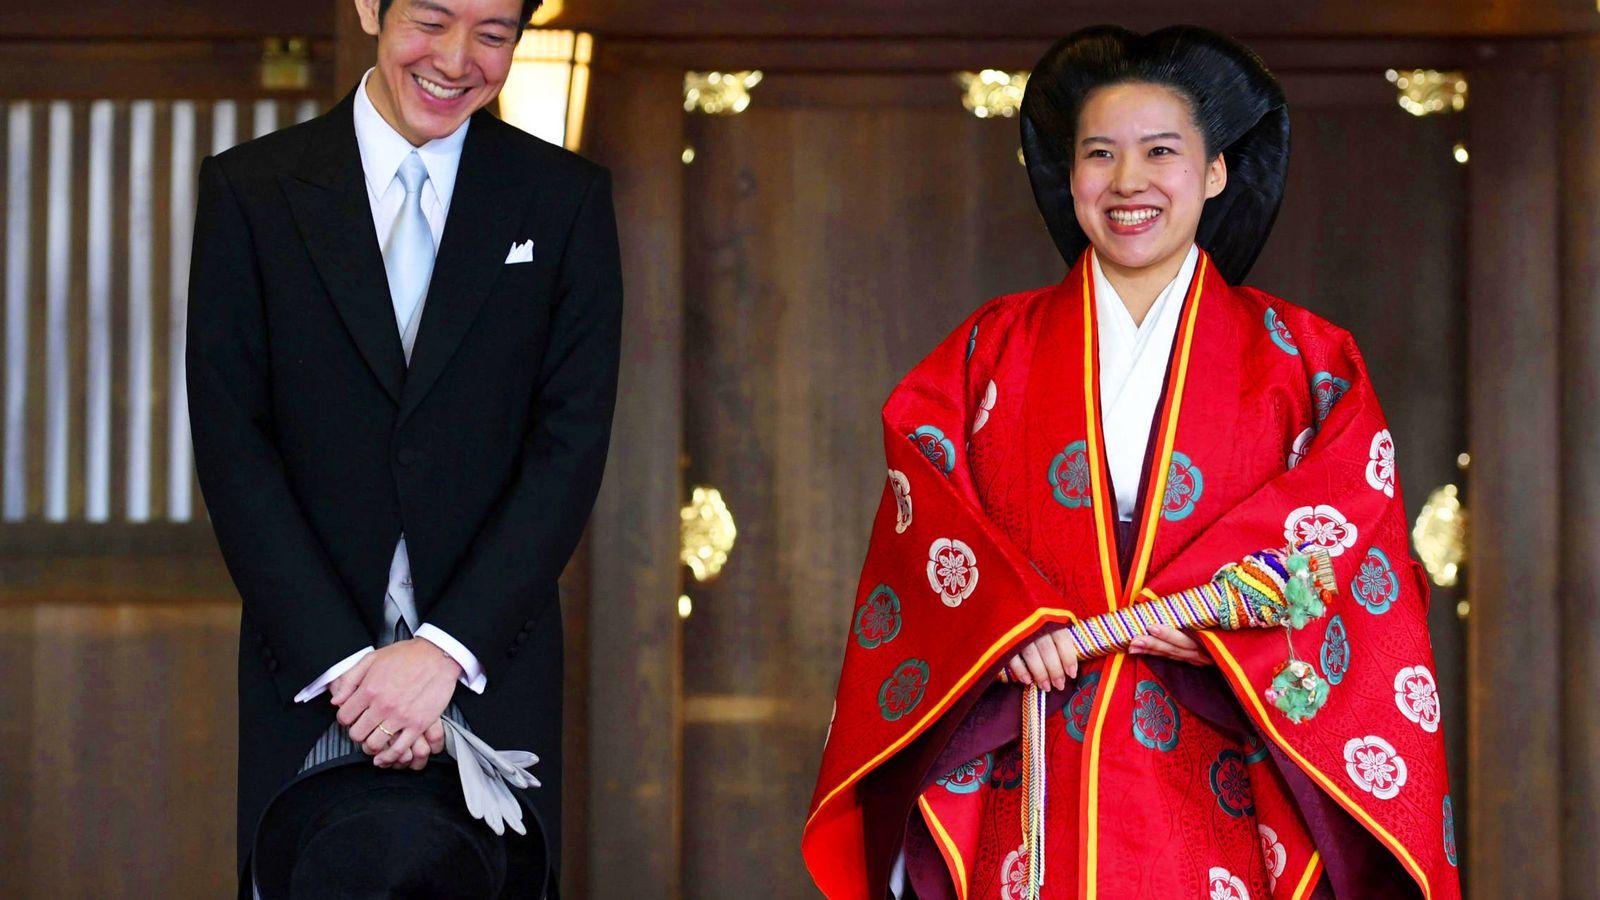 Foto: La boda de Ayako de Japón. (Reuters)